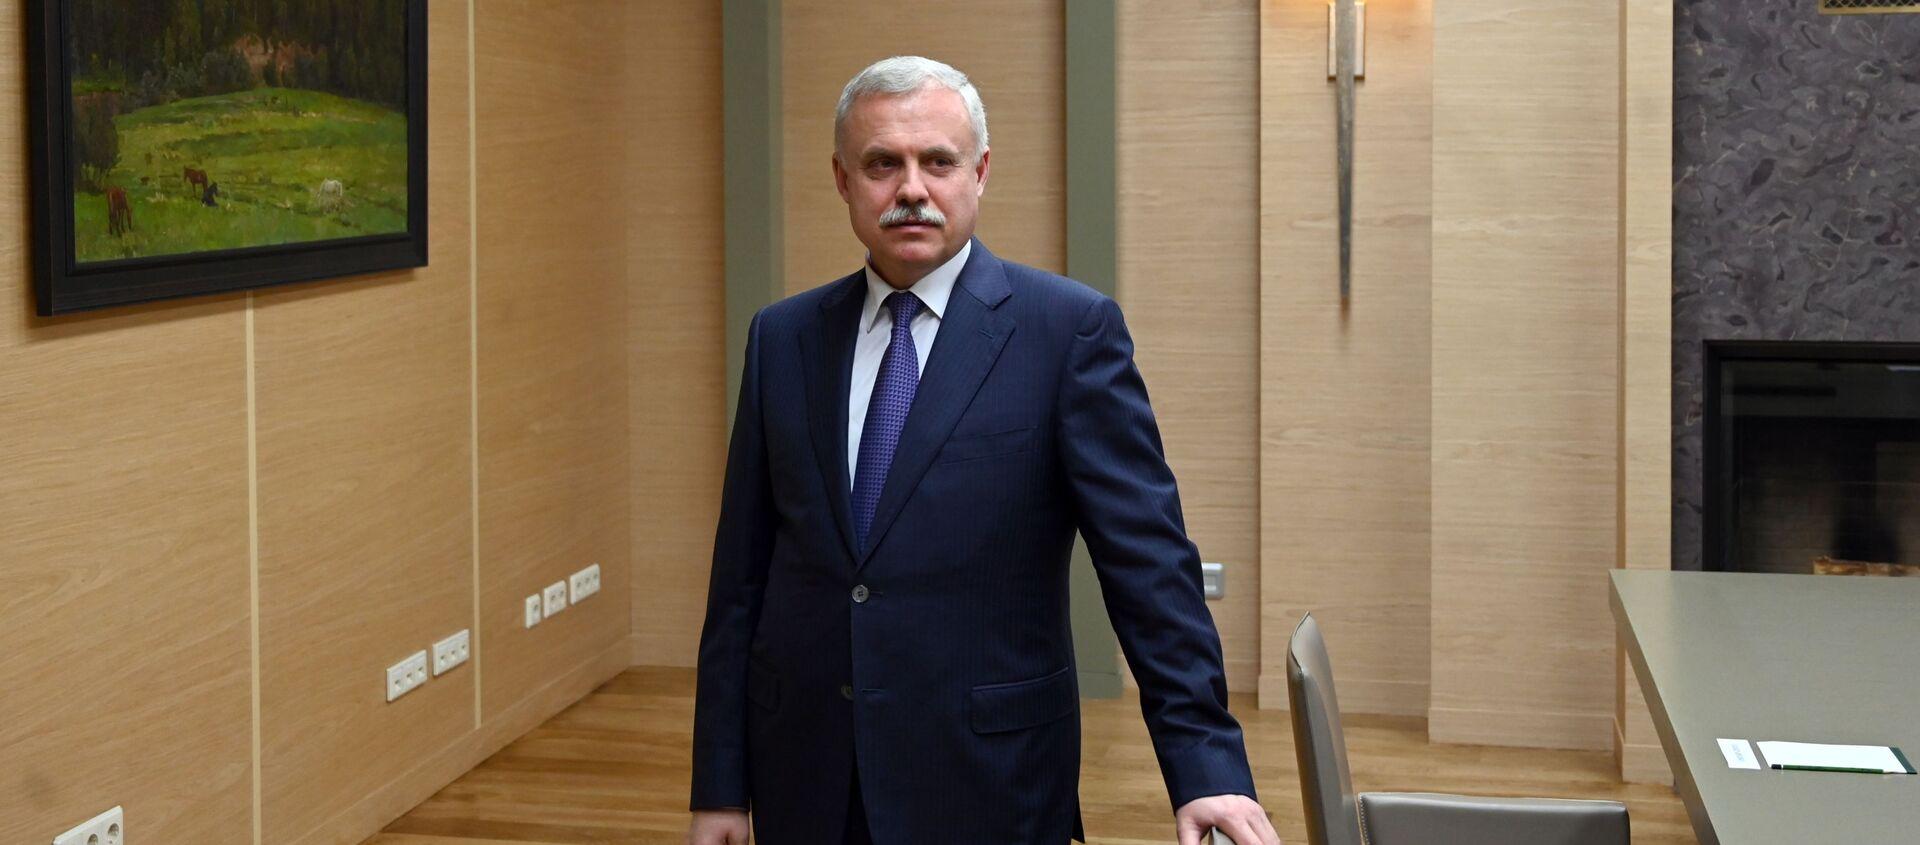 Генеральный секретарь Организации Договора о коллективной безопасности (ОДКБ) Станислав Зась - Sputnik Таджикистан, 1920, 16.02.2021